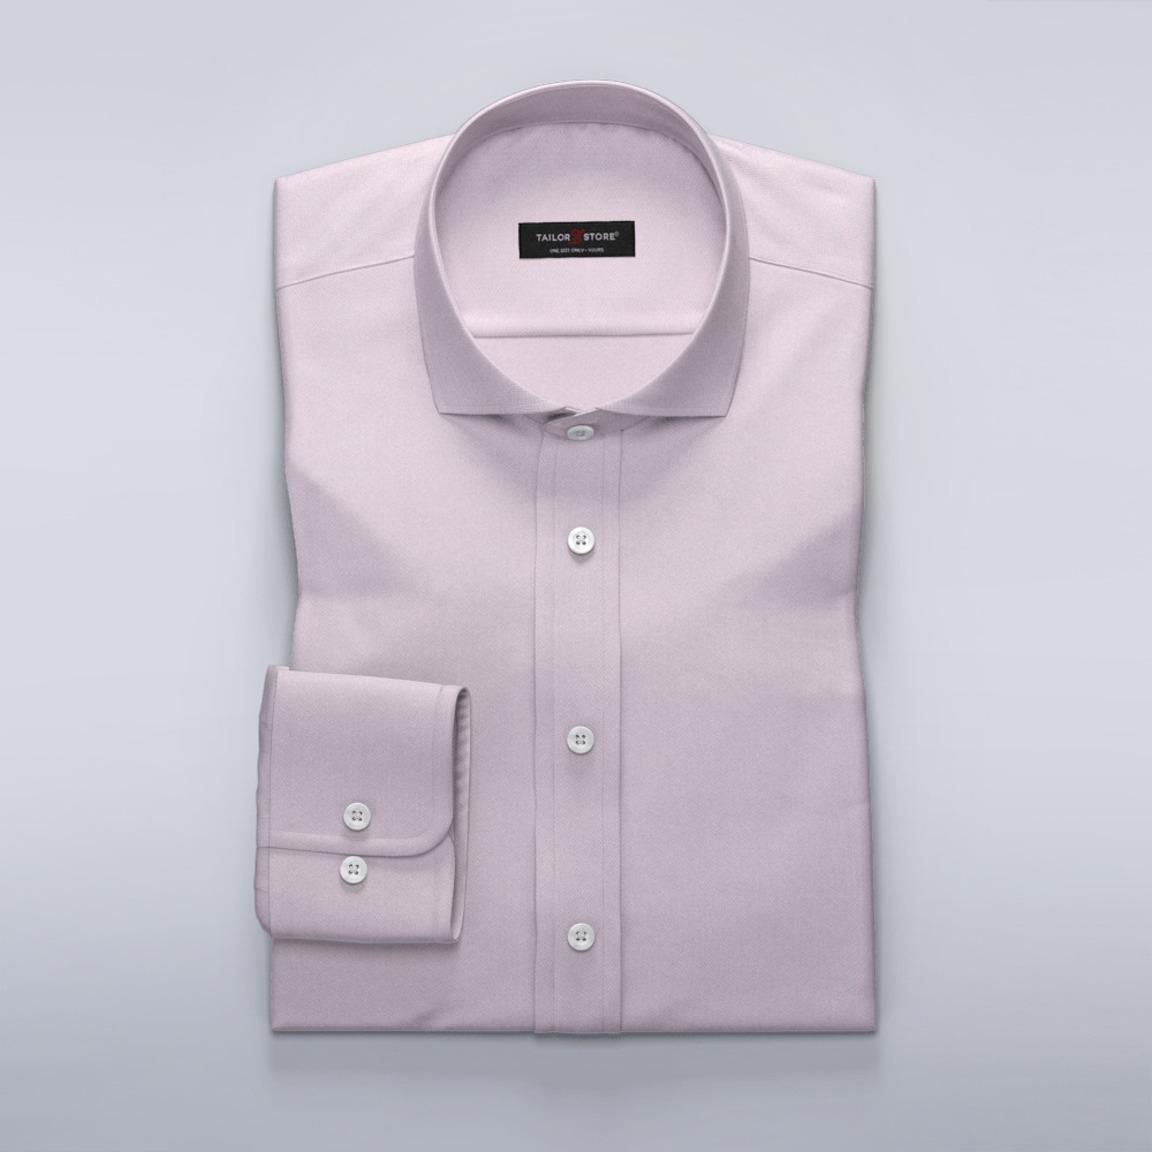 Business-skjorte i luksuriøs lyserosa herringbone